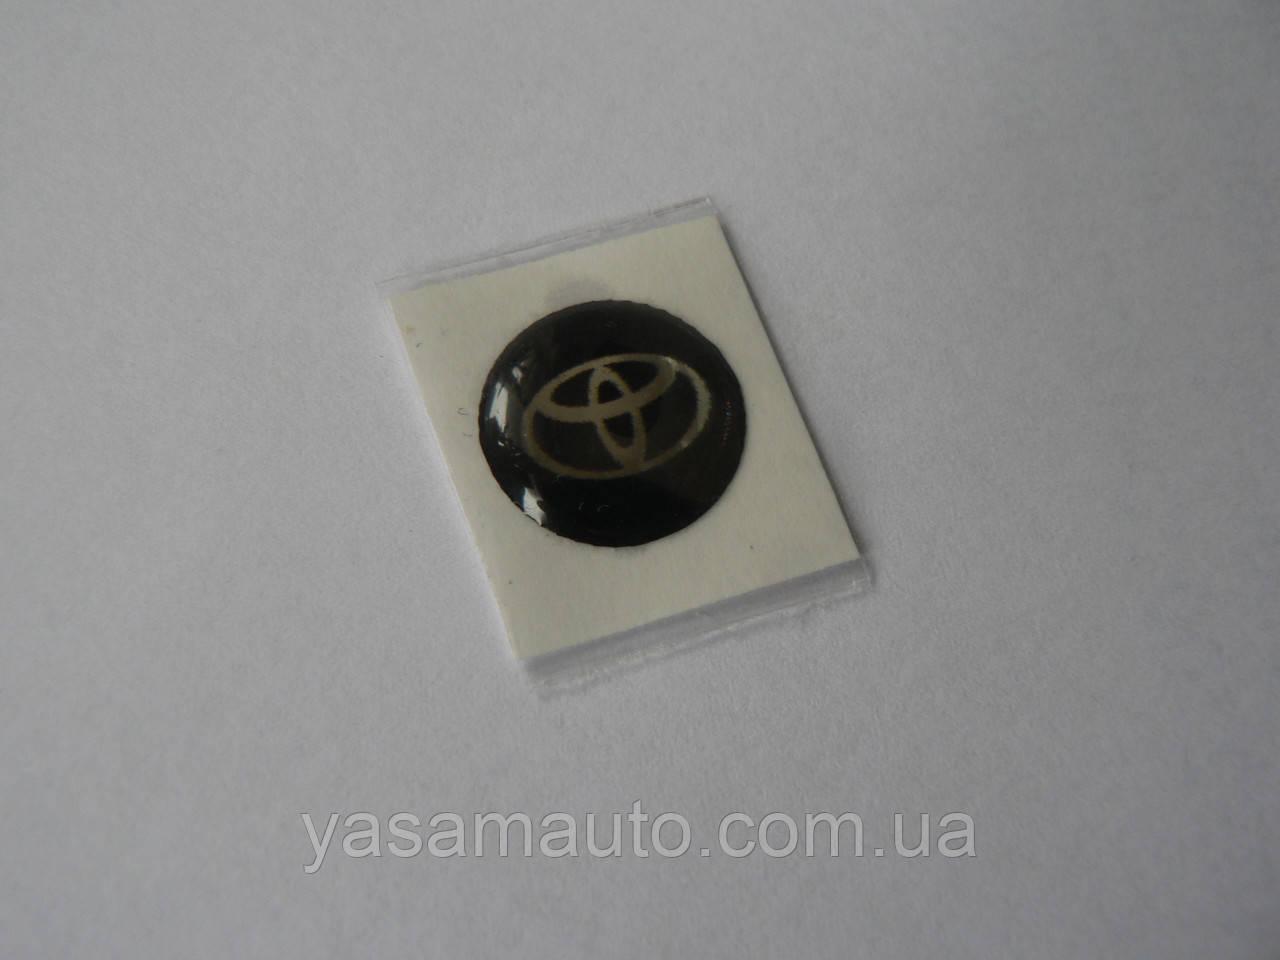 Наклейка s круглая Toyota 15мм силиконовая эмблема в круге на авто ключи сигнализацию Тойота